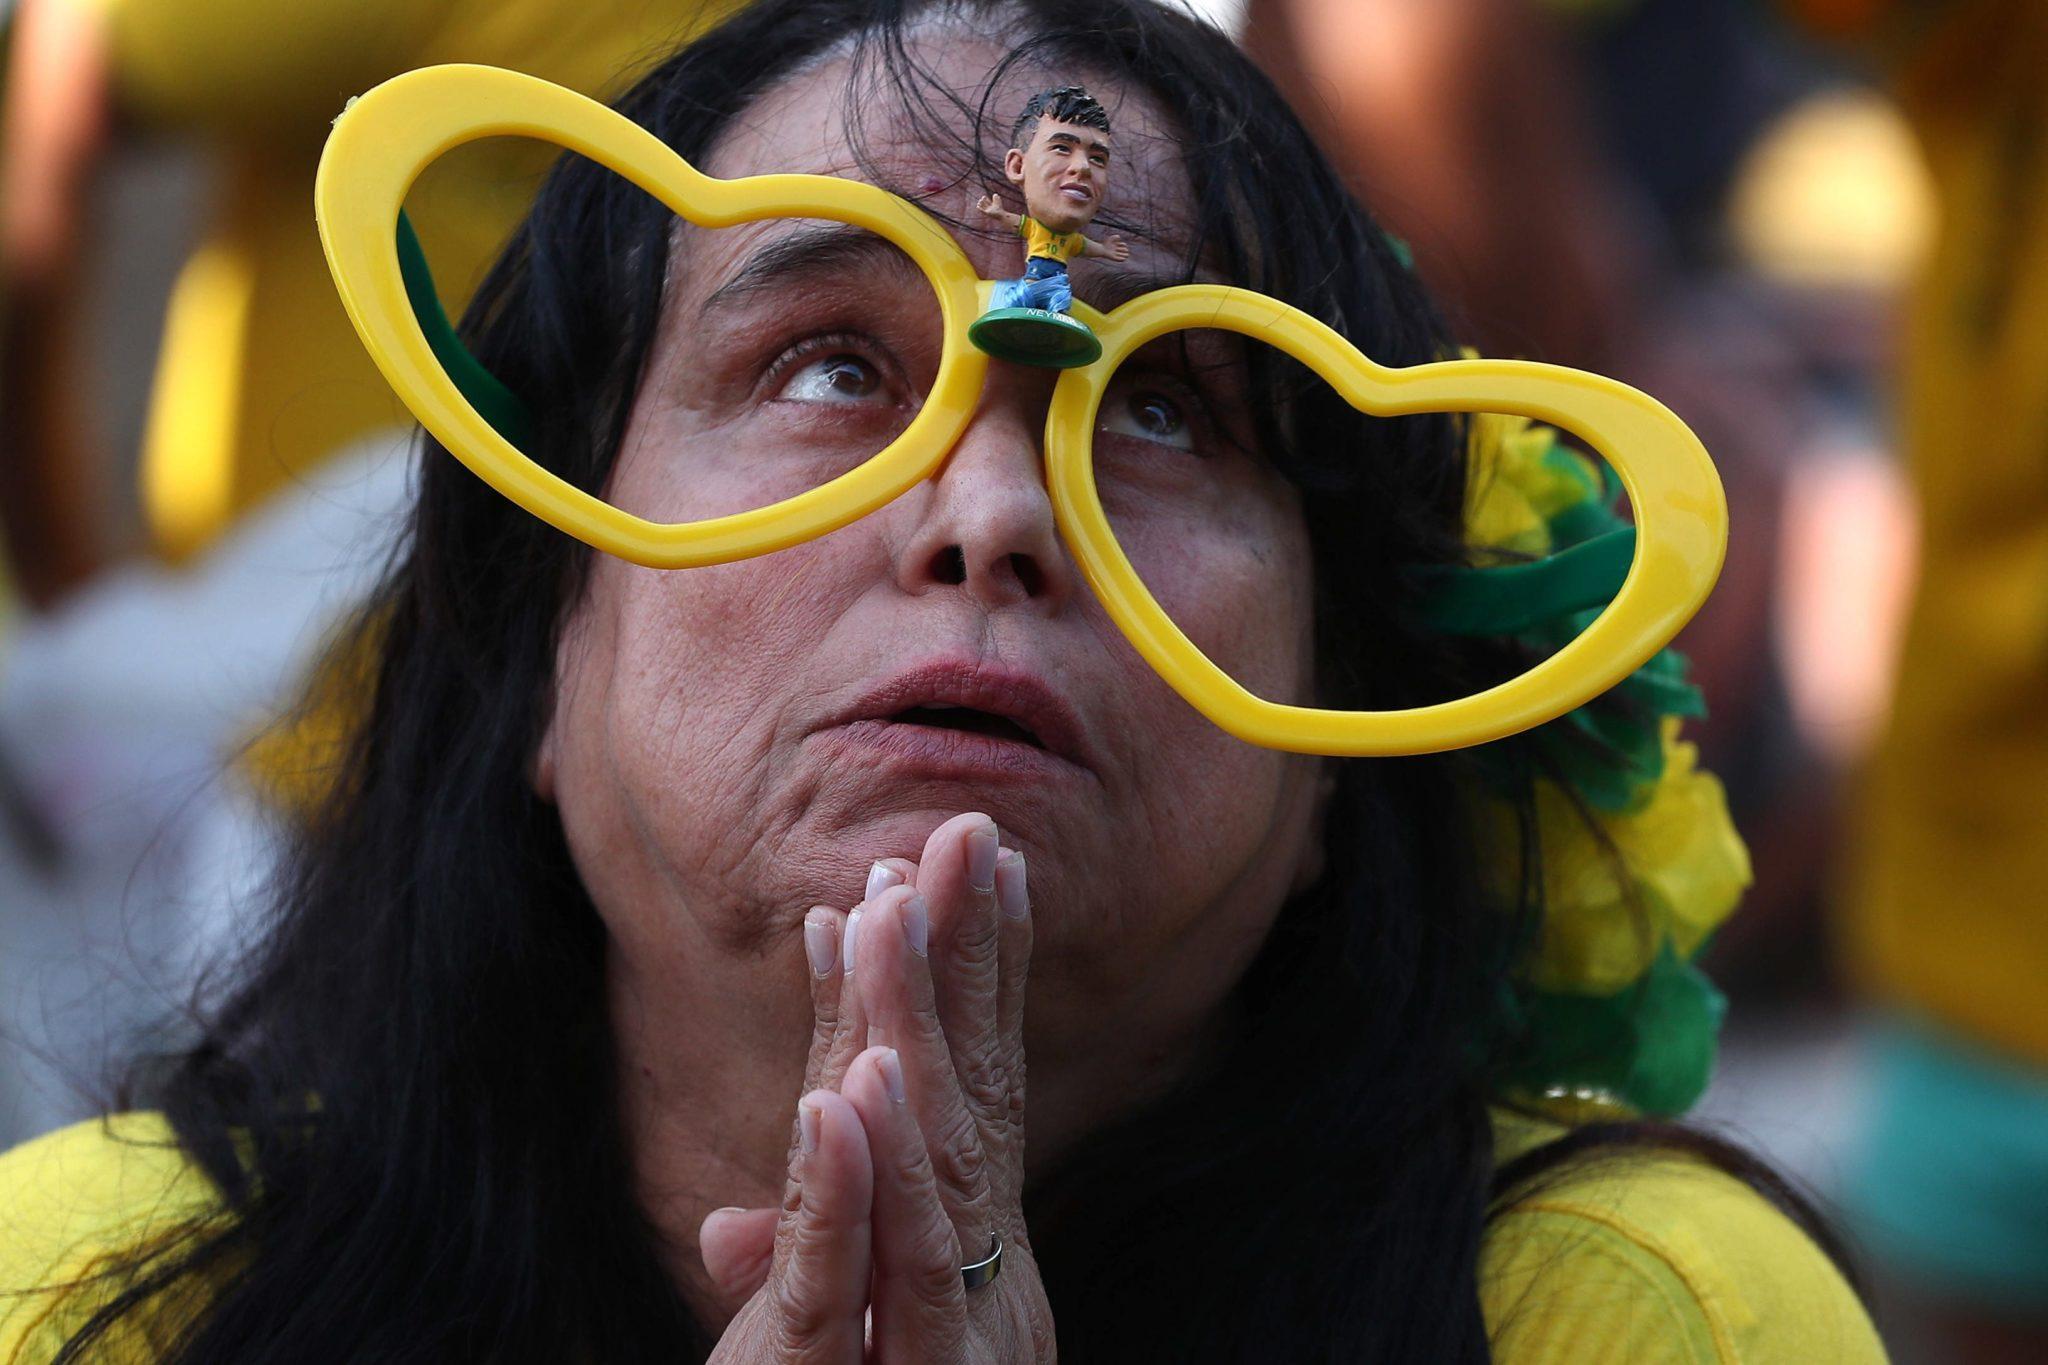 Zdjęcie: fani brazylijskiej dużyny, for: Diego Azubel, PAP/EPA